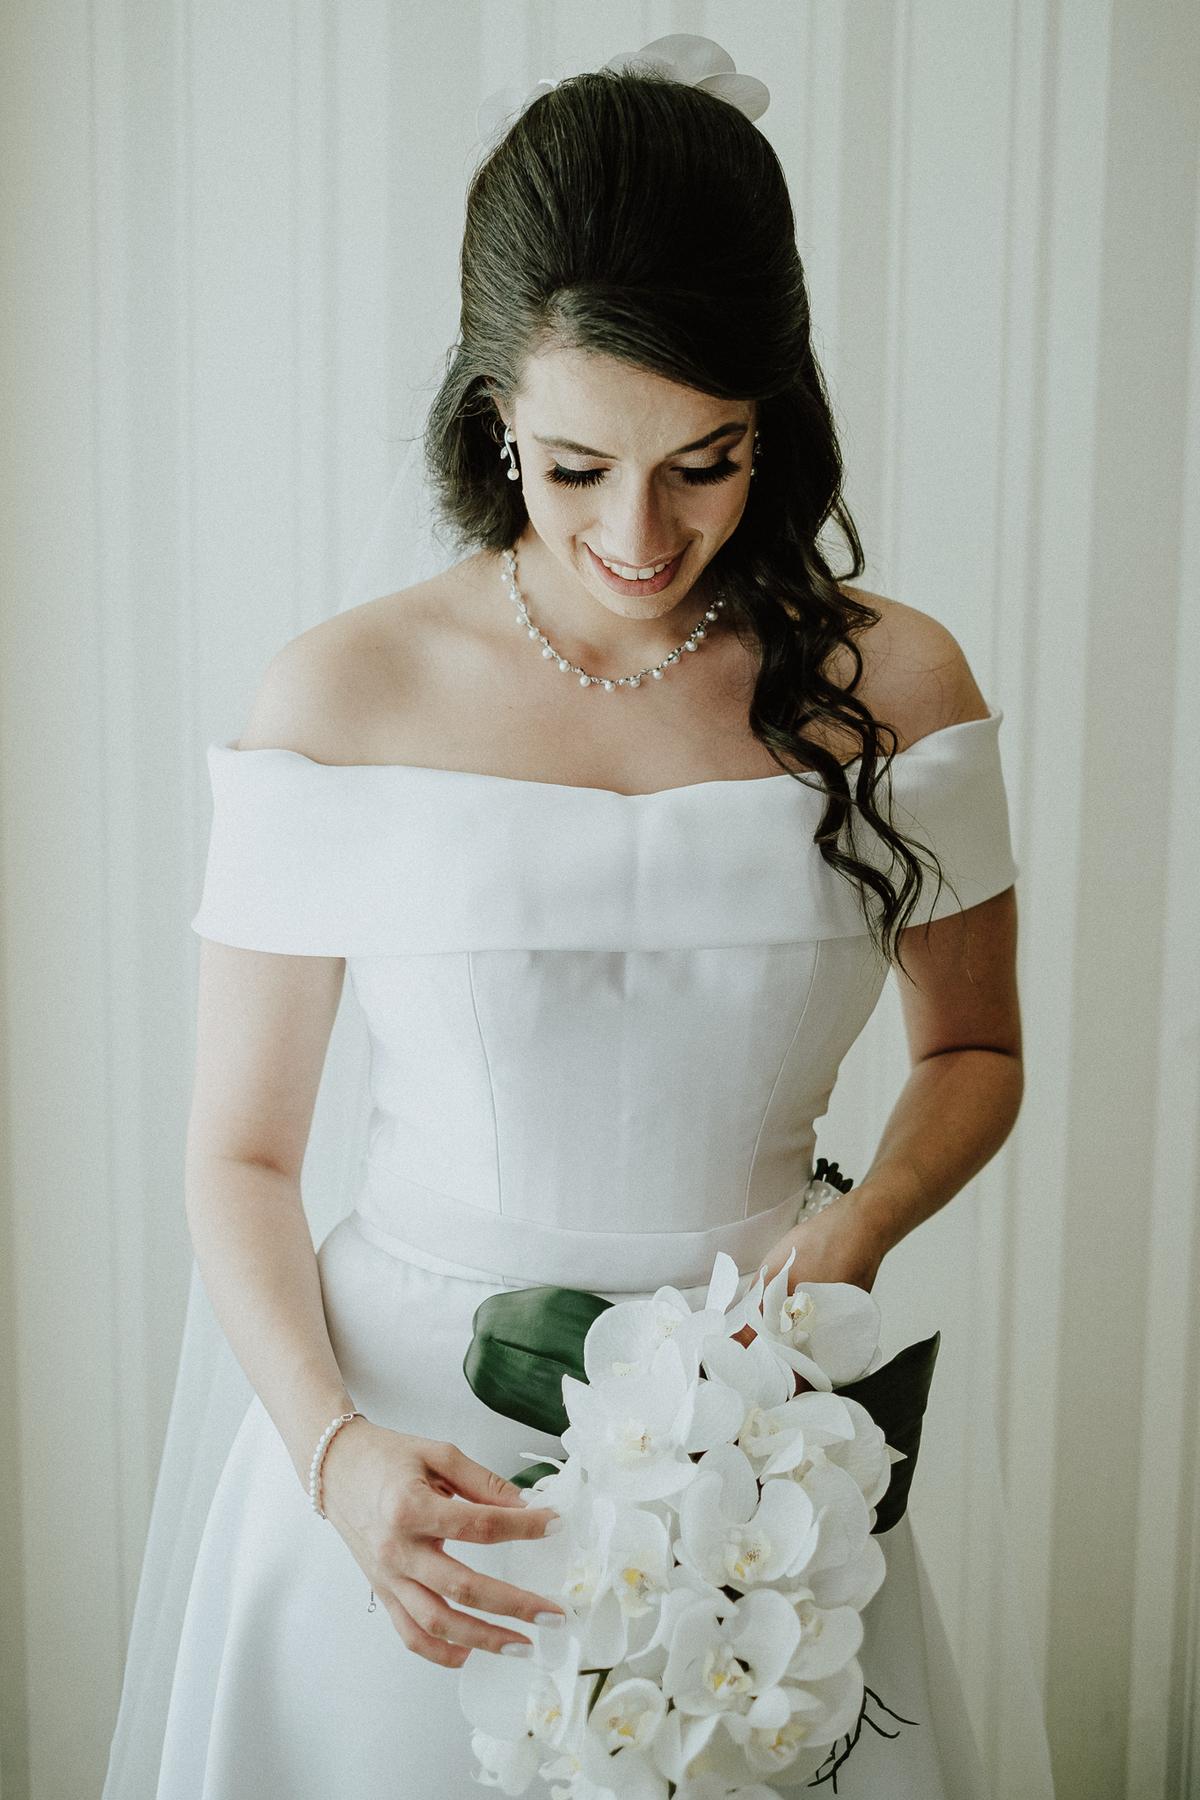 vestido de noiva fotografia de casamento elopement wedding casamentos ao ar livre  retrato de noiva  fotografos de casamento fotos por caio henrique